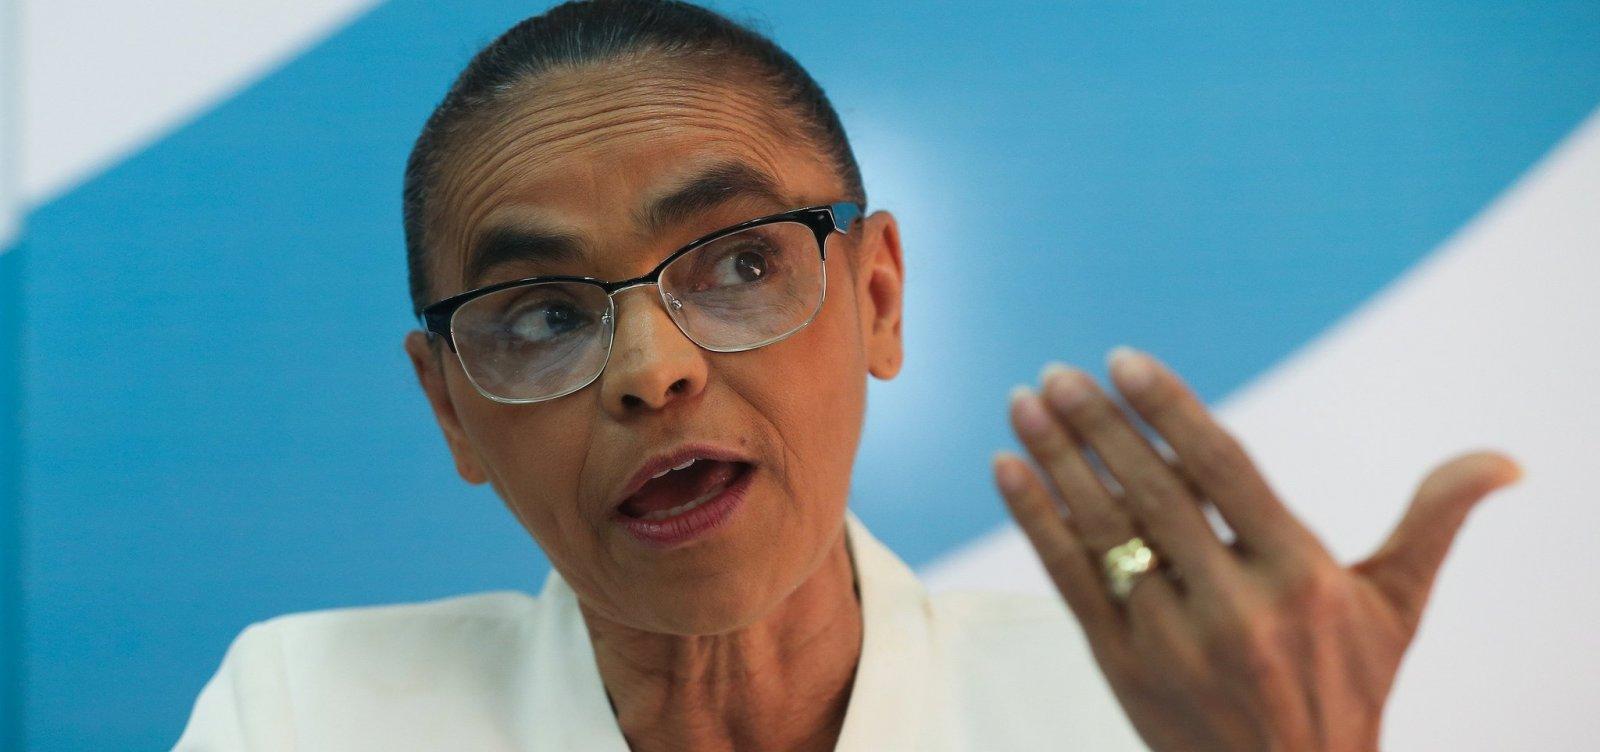 Marina diz que não abre mão de candidatura para apoiar a chapa de Centro